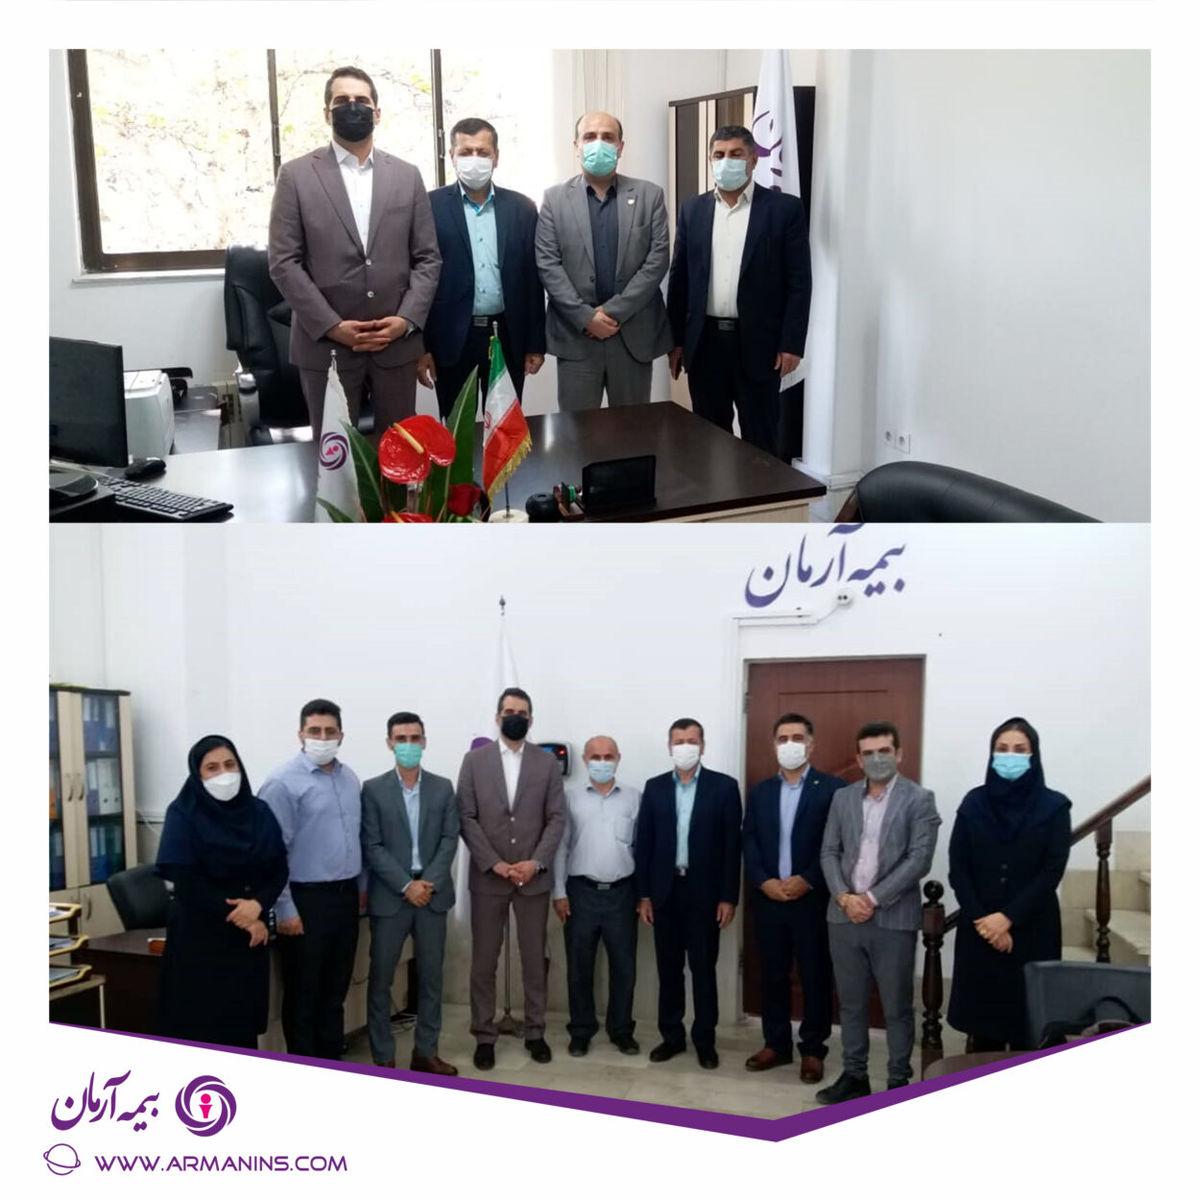 برگزاری جلسه معارفه رئیس شعبه ساری بیمه آرمان